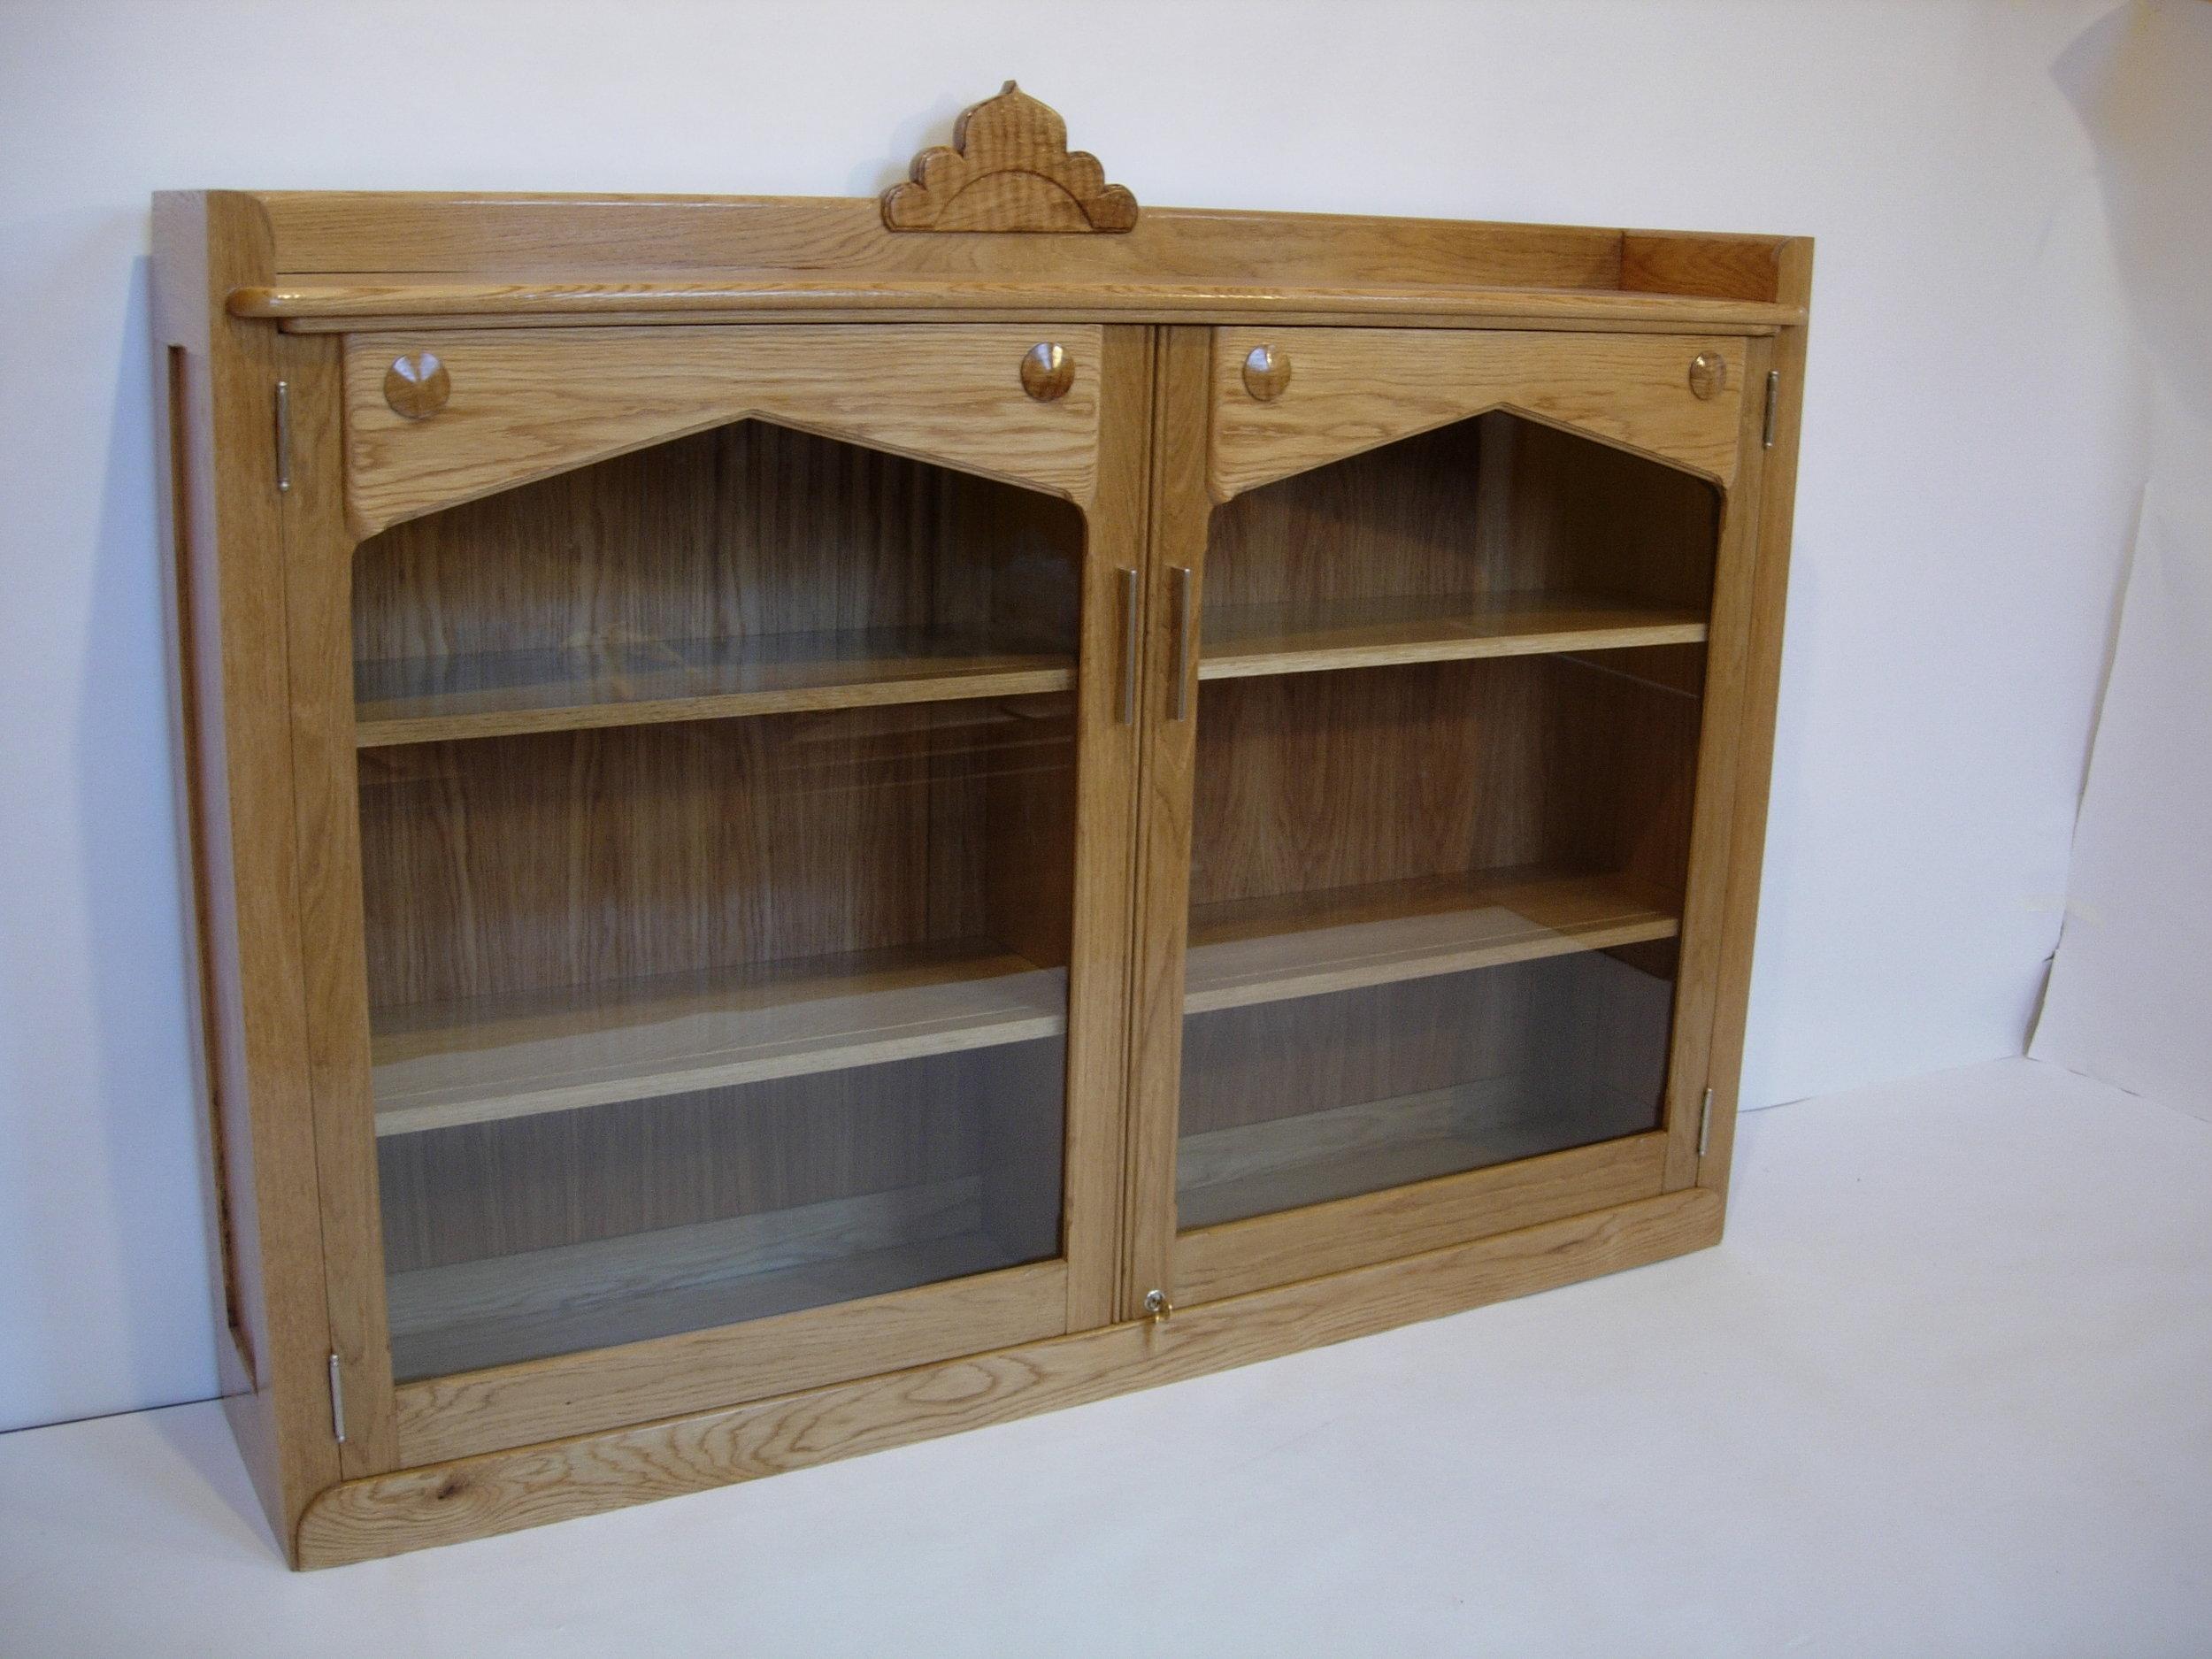 Deco Bookcase in White Oak